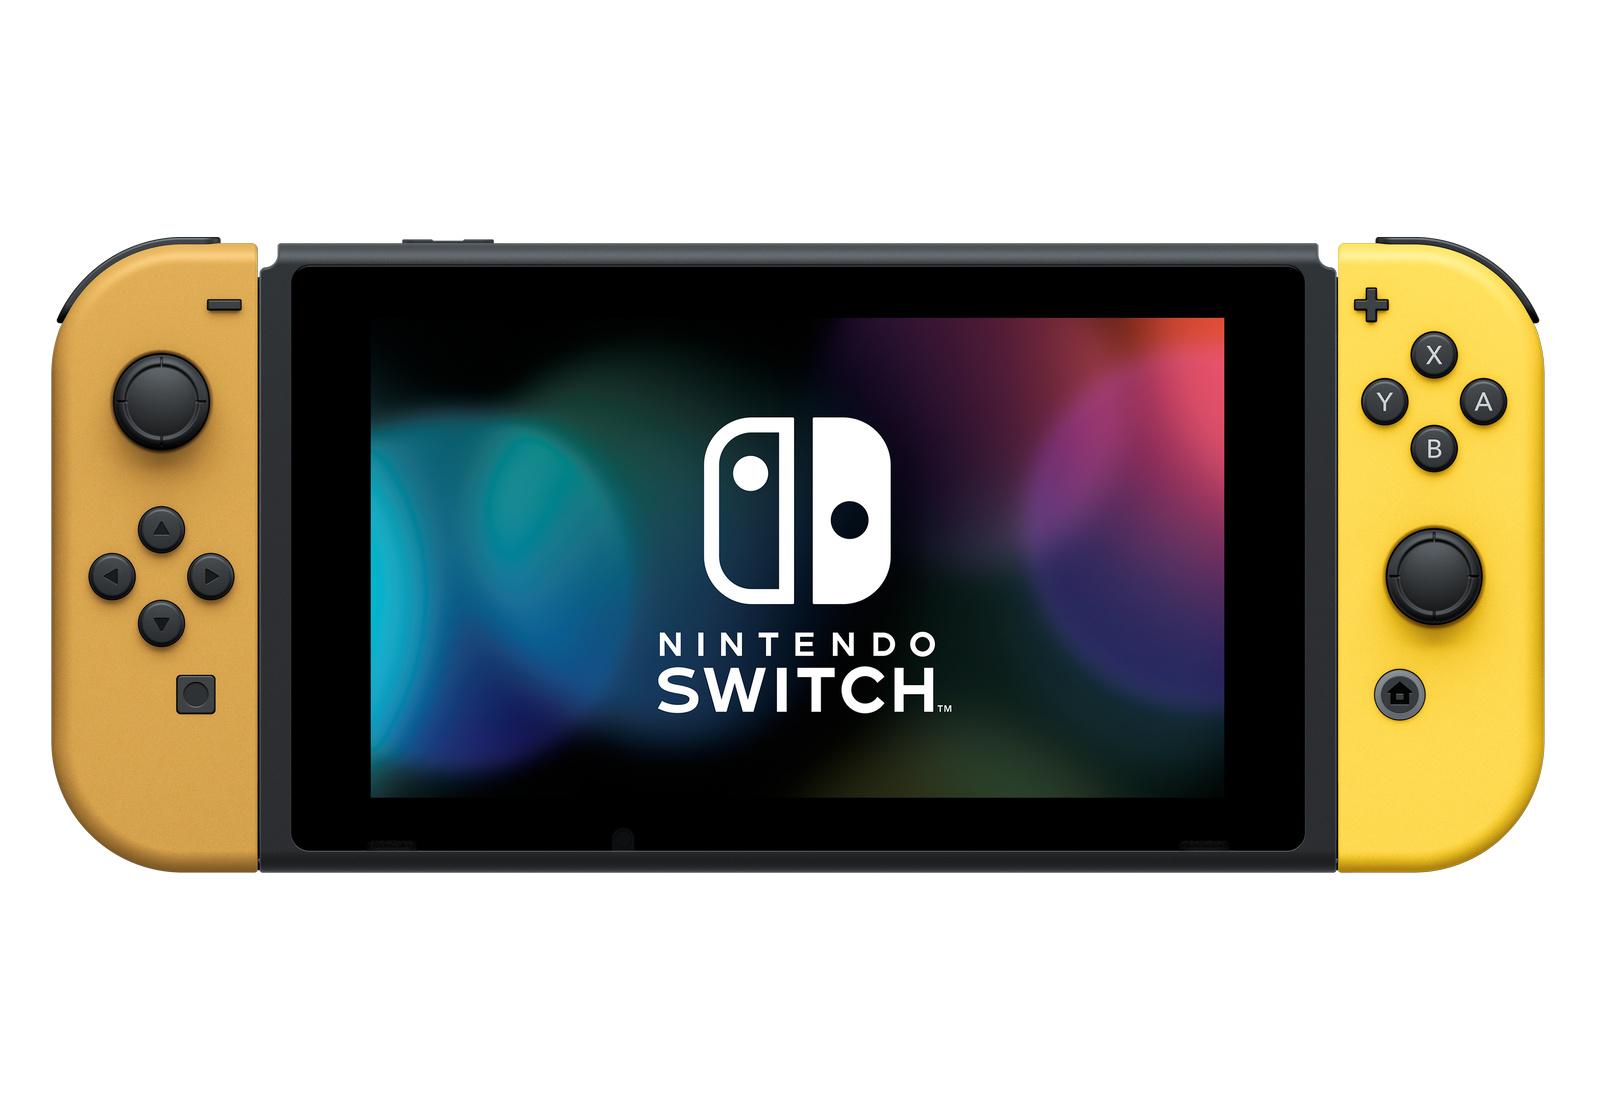 Nintendo's Pikachu & Eevee Switch is a 'Pokémon' fan's dream